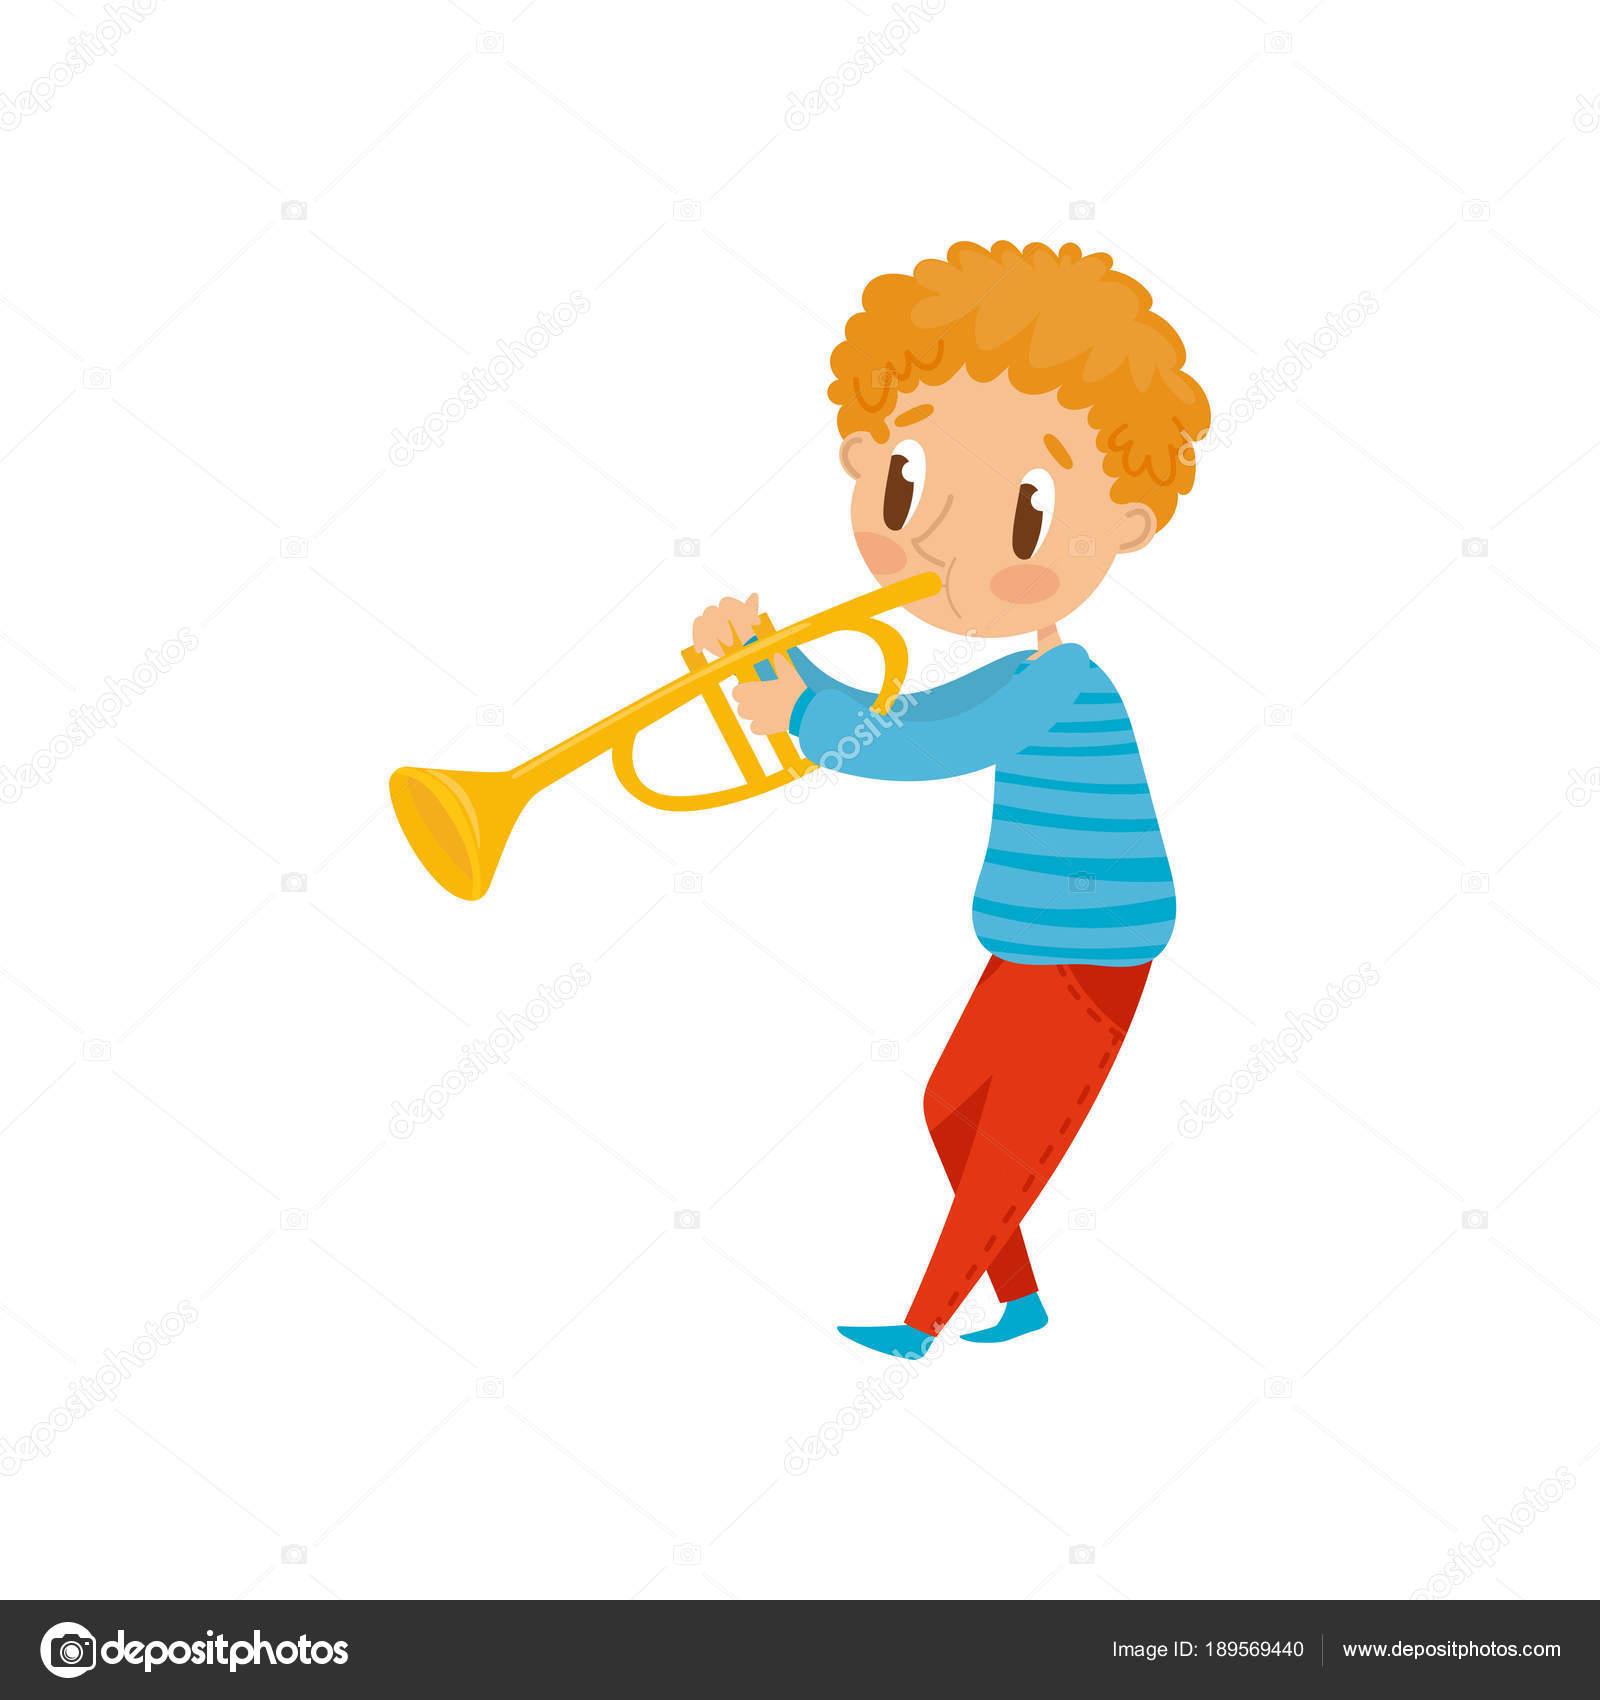 かわいい男の子の楽器漫画ベクトル イラスト白い背景の上に小さな音楽家